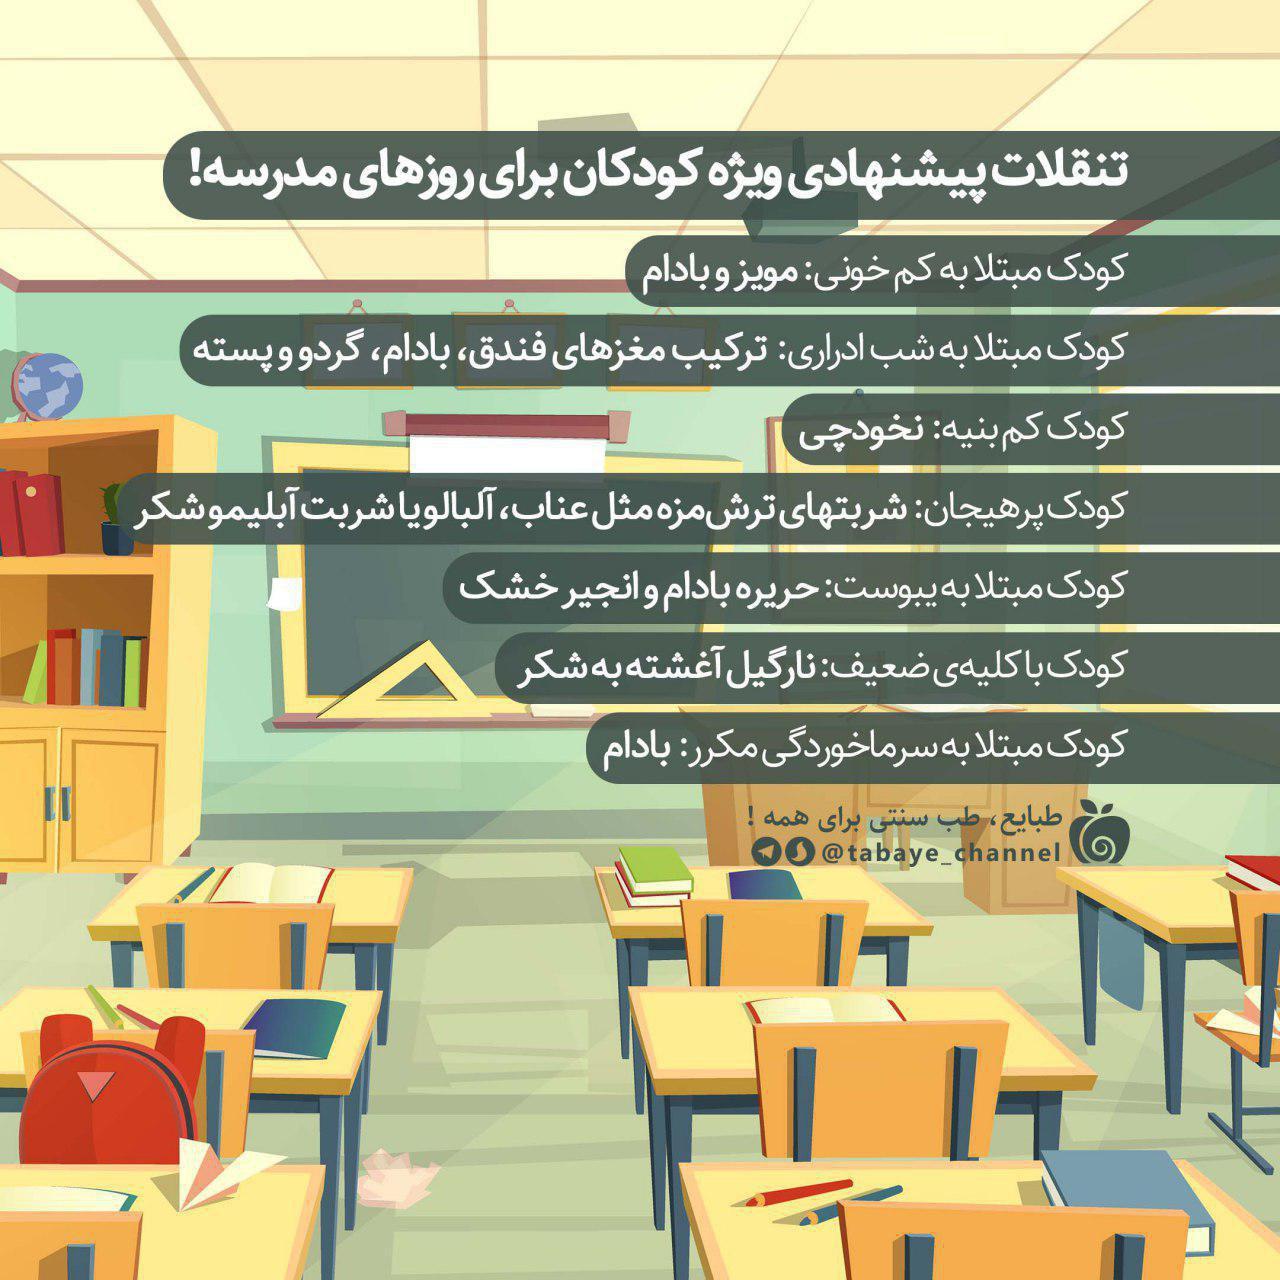 به مناسبت روز جهانی کودک تنقلات ویژه کودکان برای روزهای مدرسه!